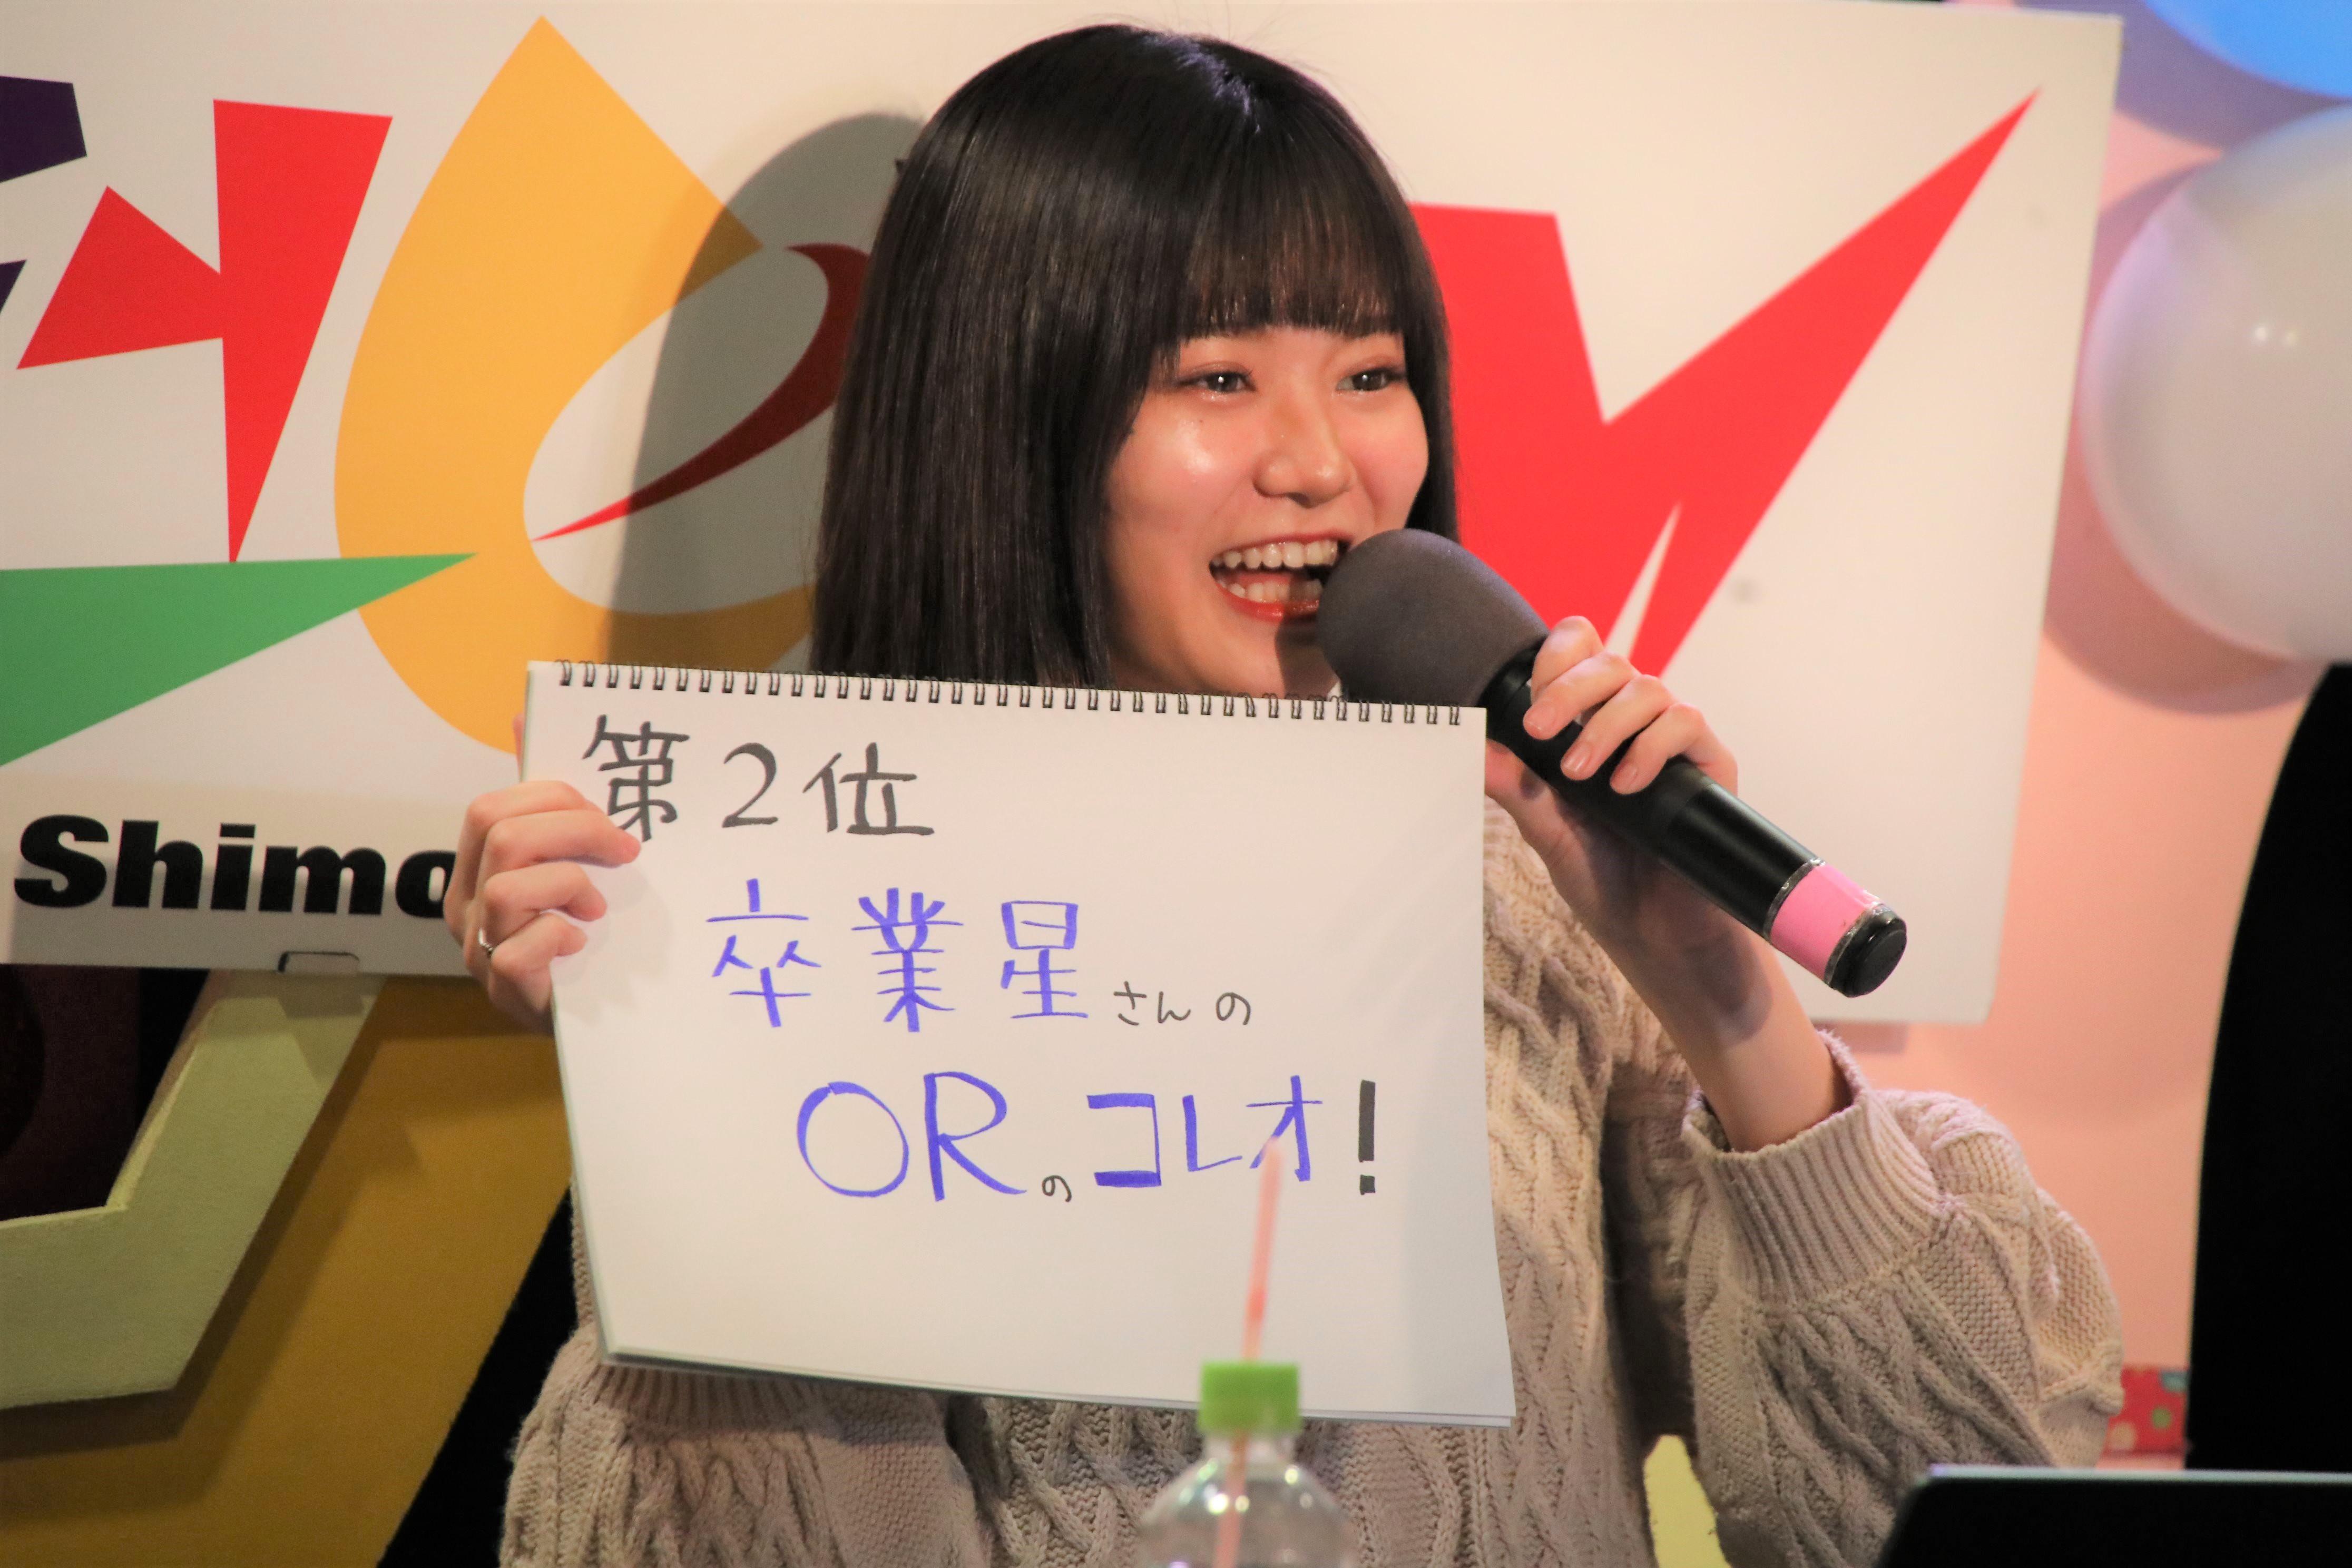 第2位「卒業星さんのORのコレオ!」